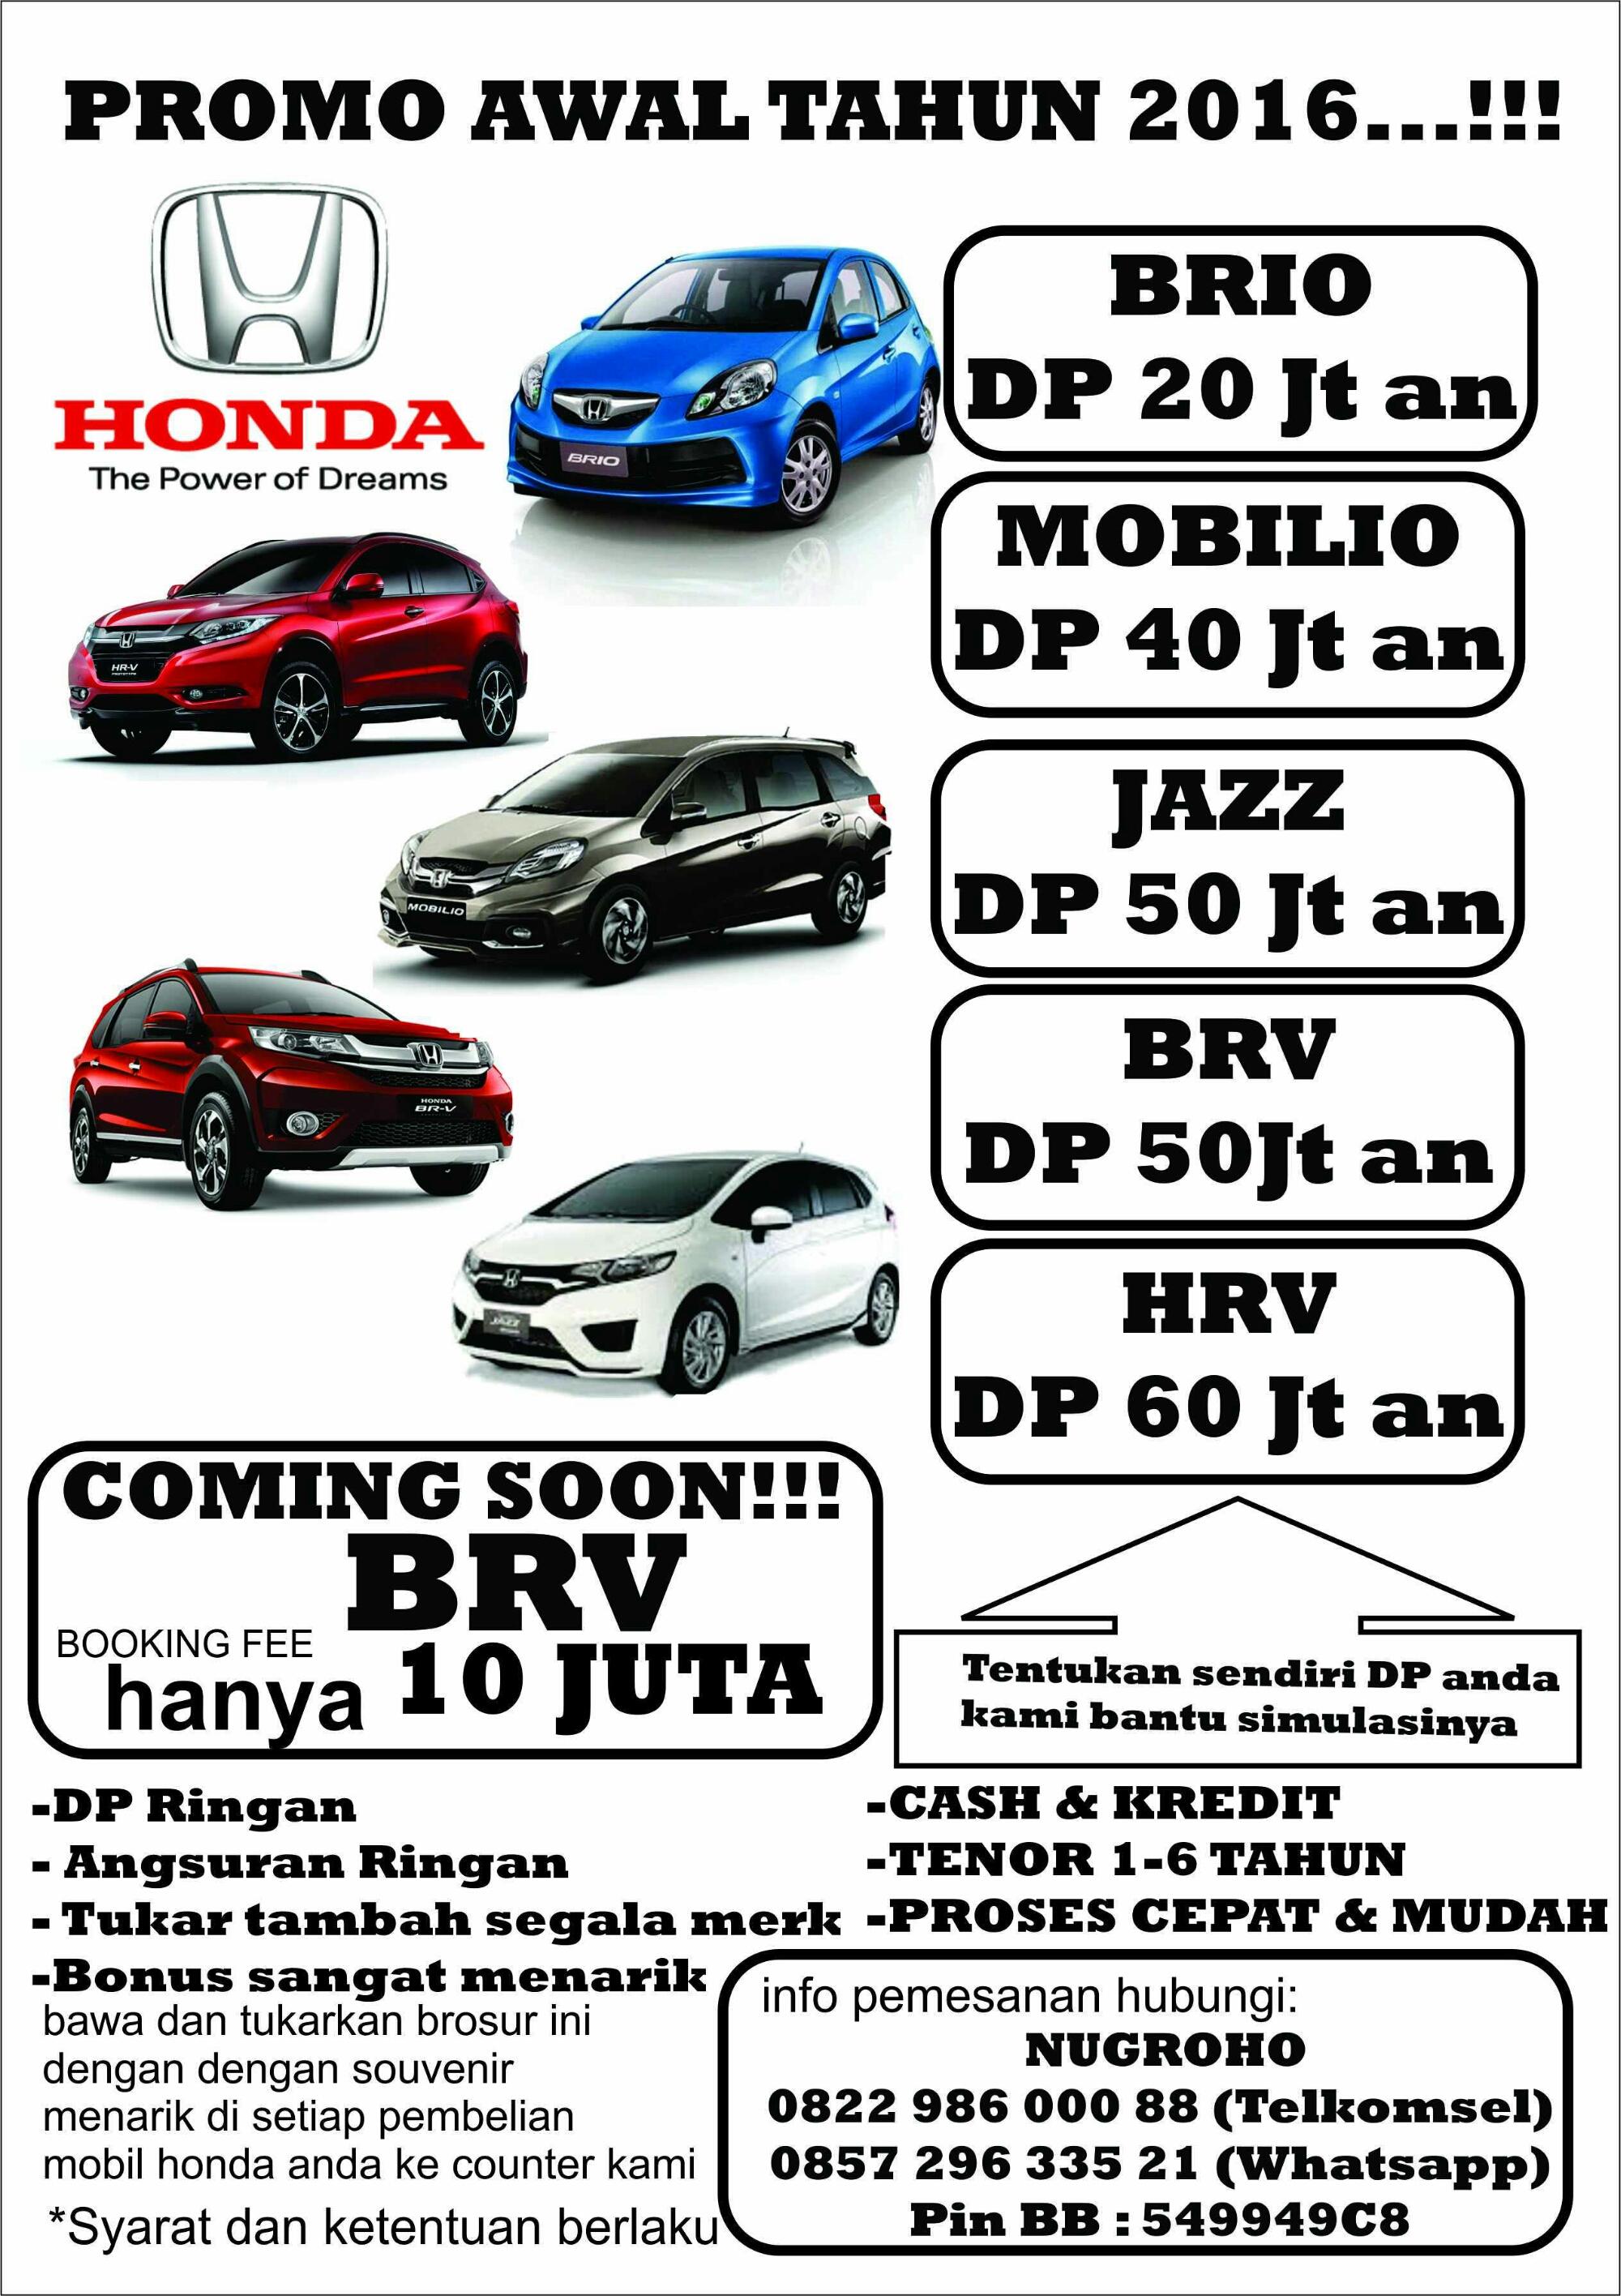 Kekurangan Kredit Honda Brio Dp 50 Juta Perbandingan Harga